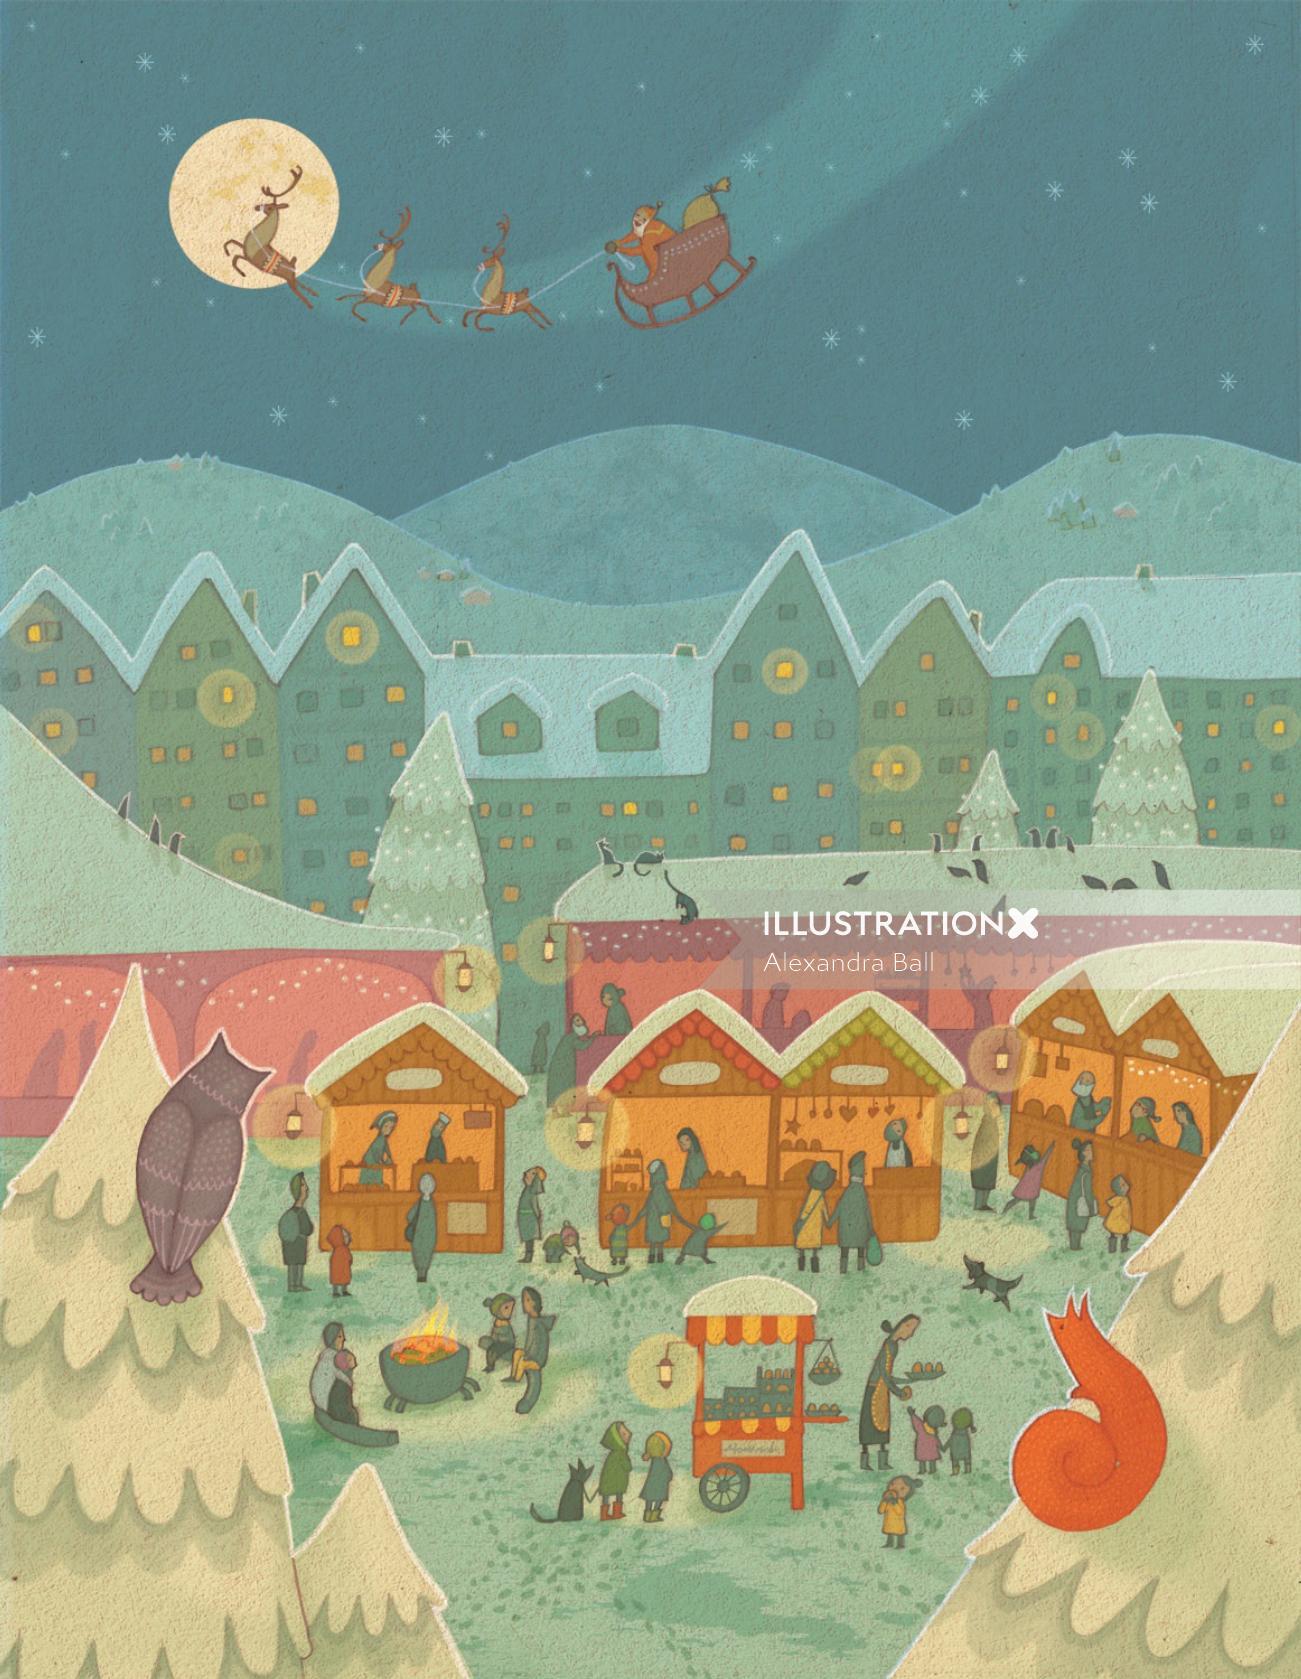 An illustration Christmas market scene